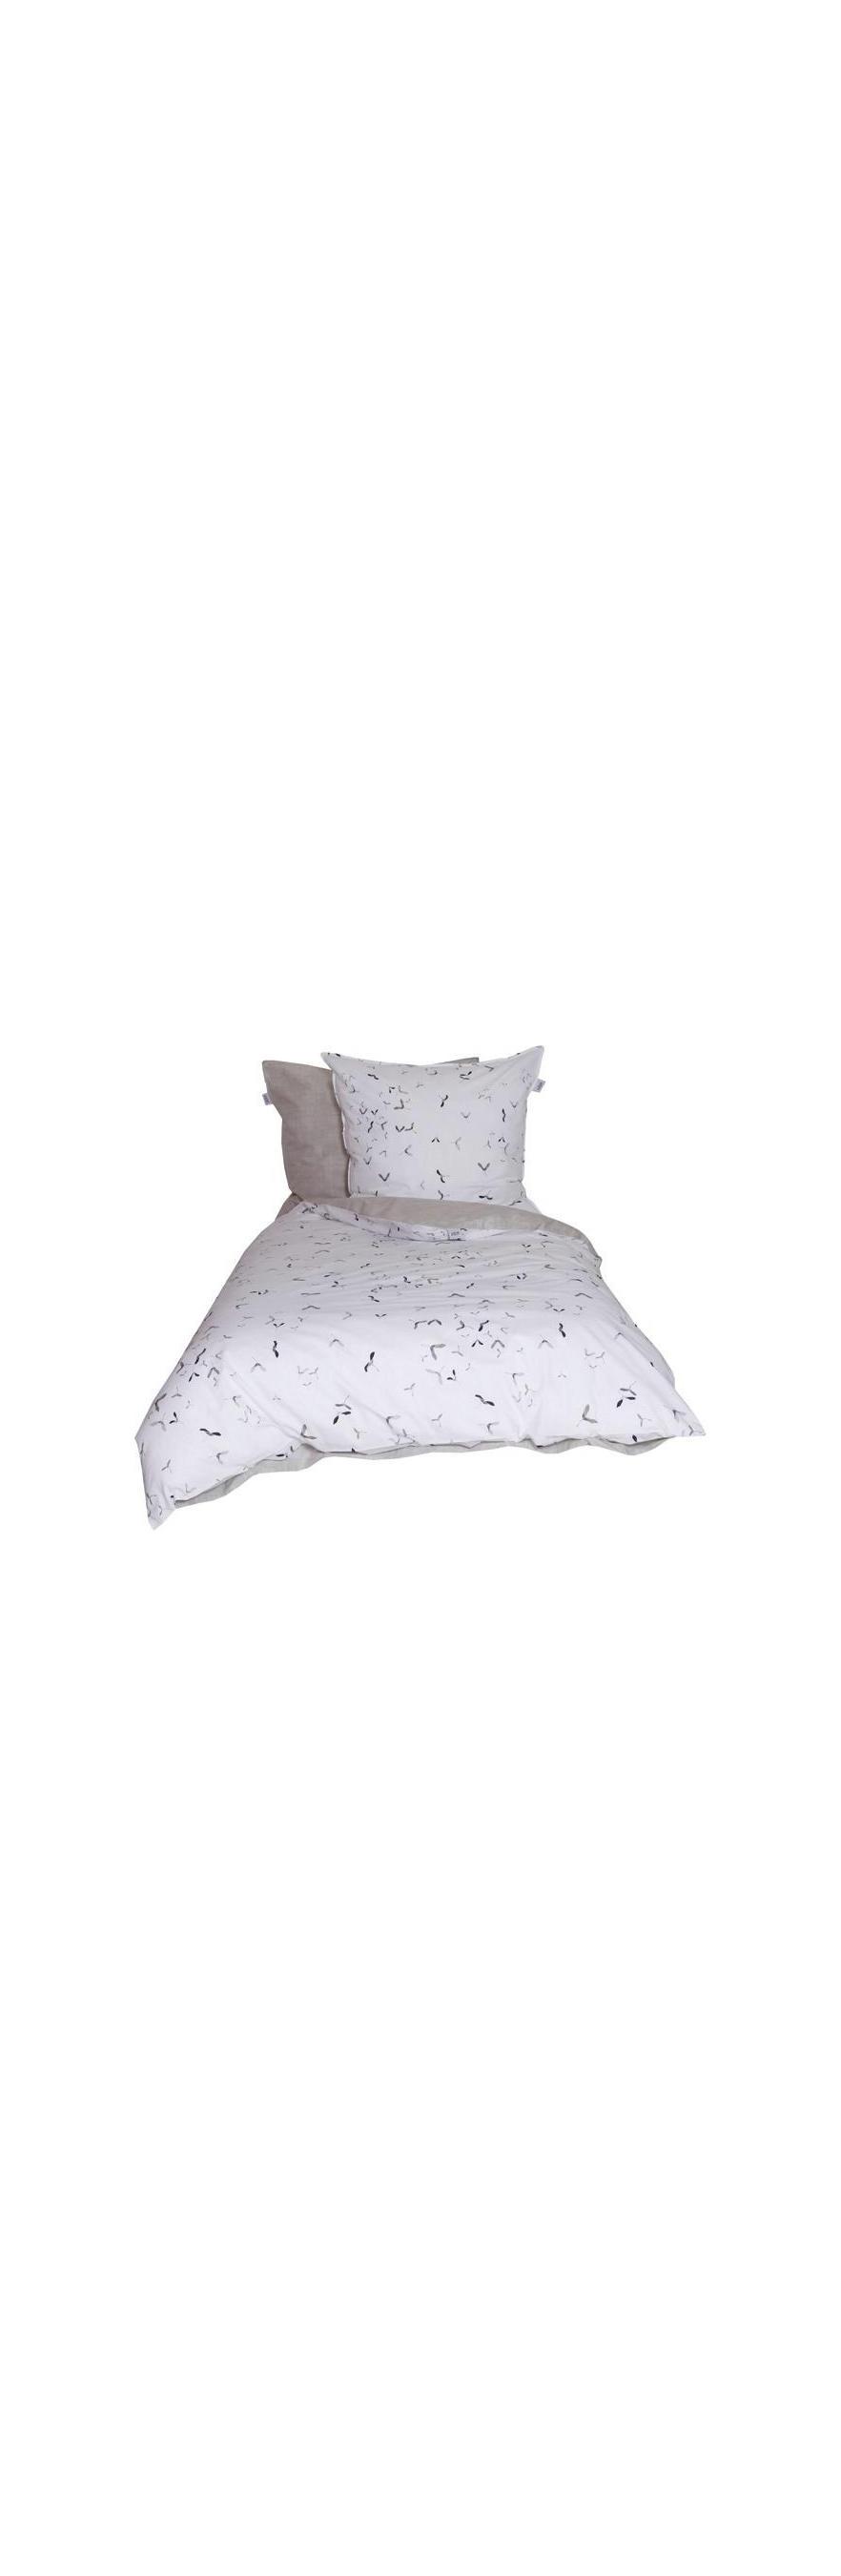 Bettwäsche 2 Teilig Mit Knöpfen Hier Kaufen